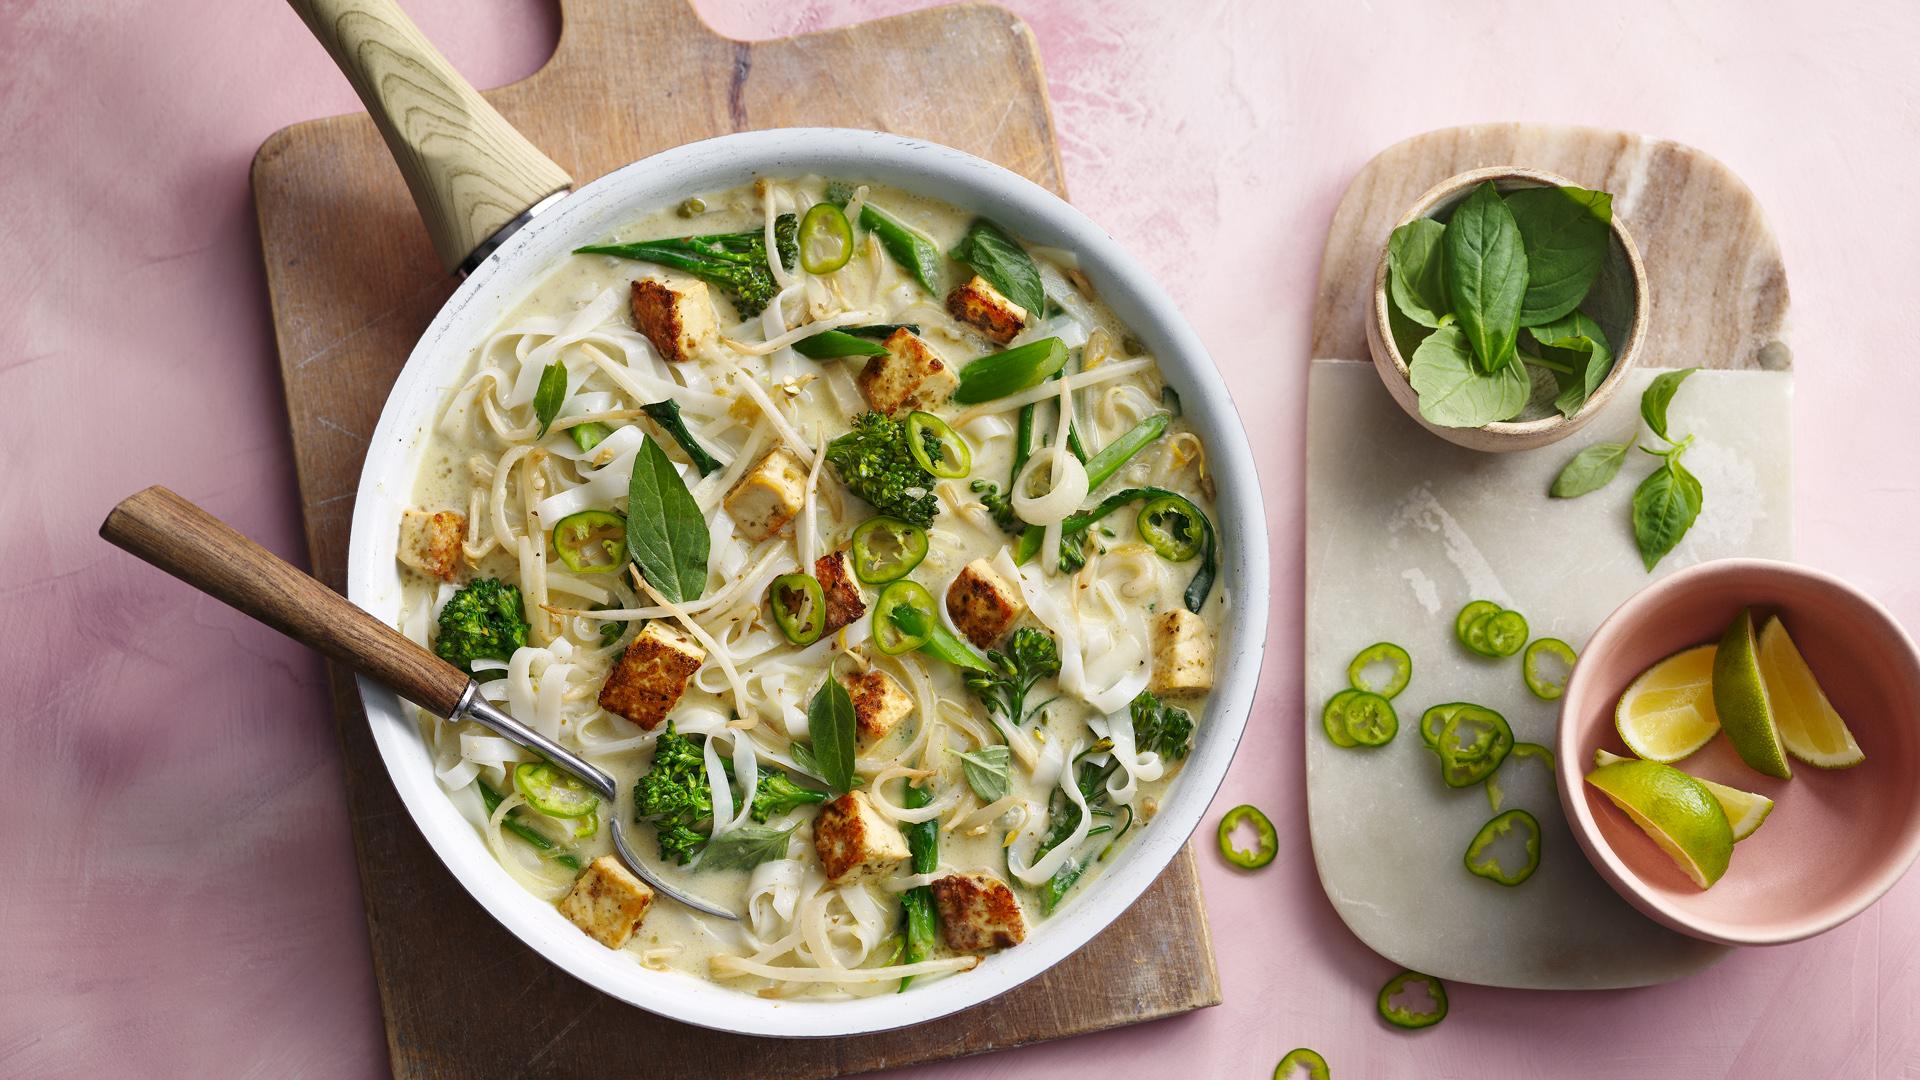 Merveilleux Mot-Clé Vegan Thai green curry